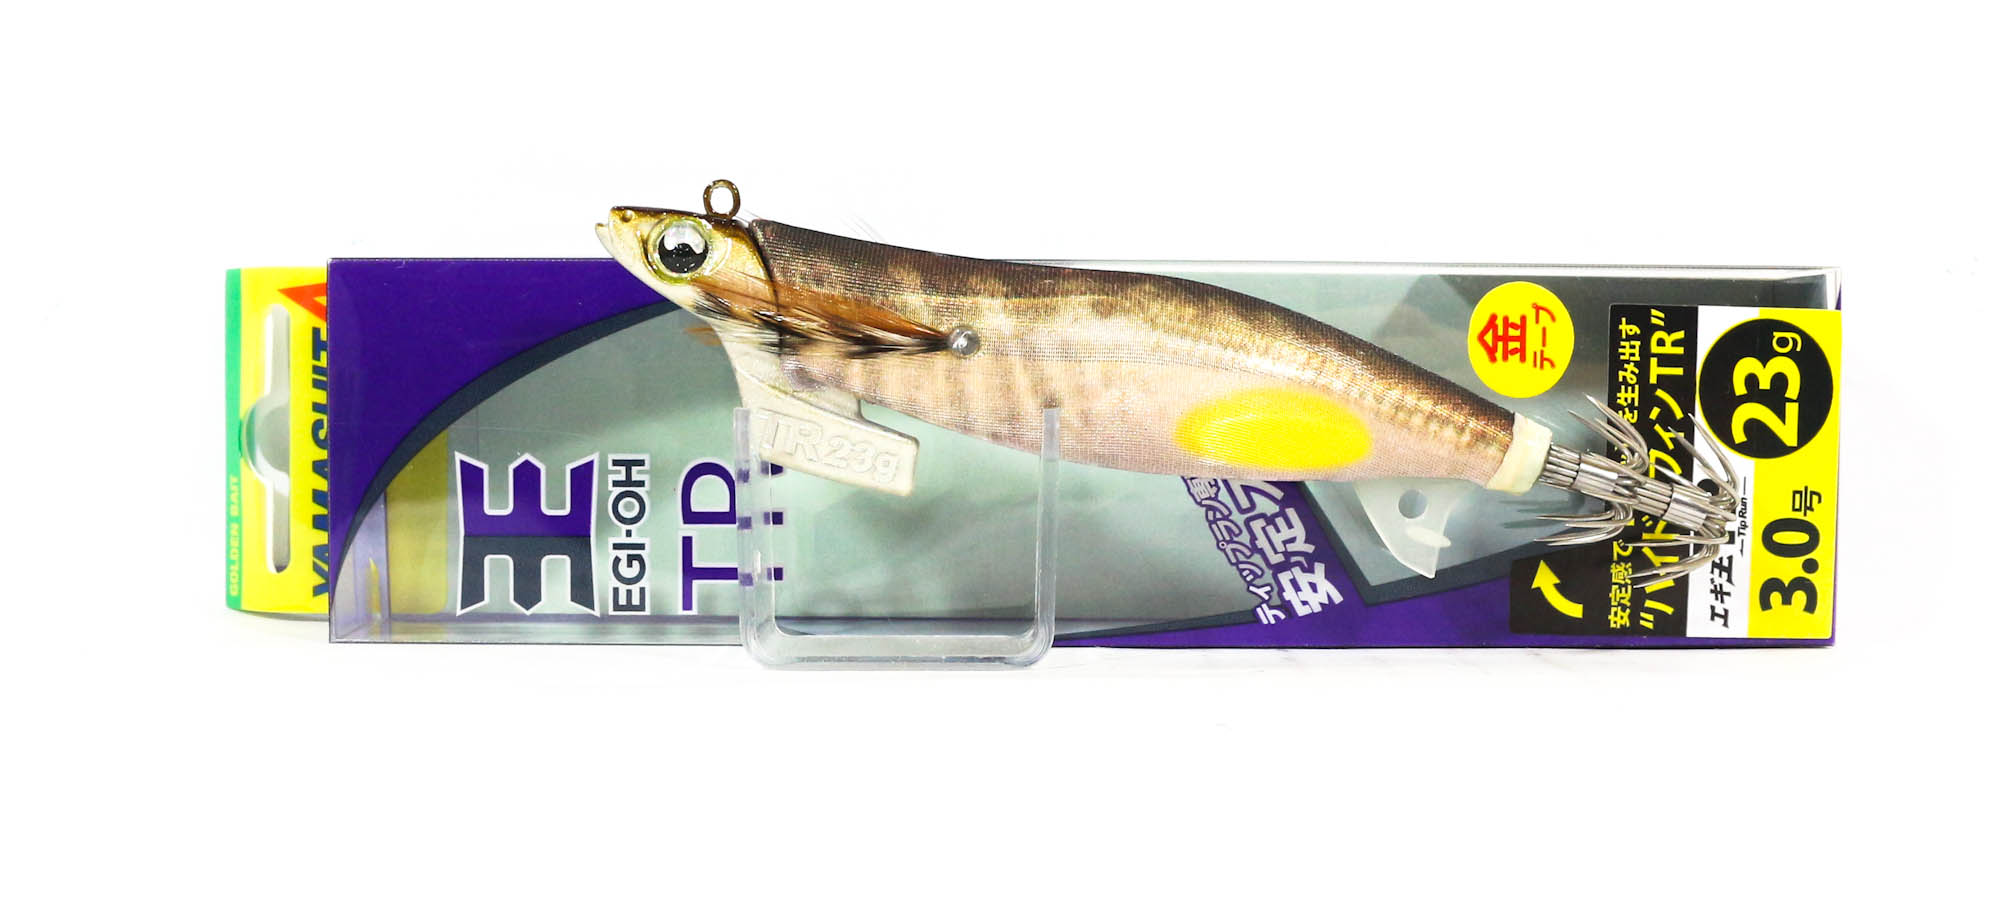 7428 Yamashita Eging Snap EGI Squid Fishing Size S